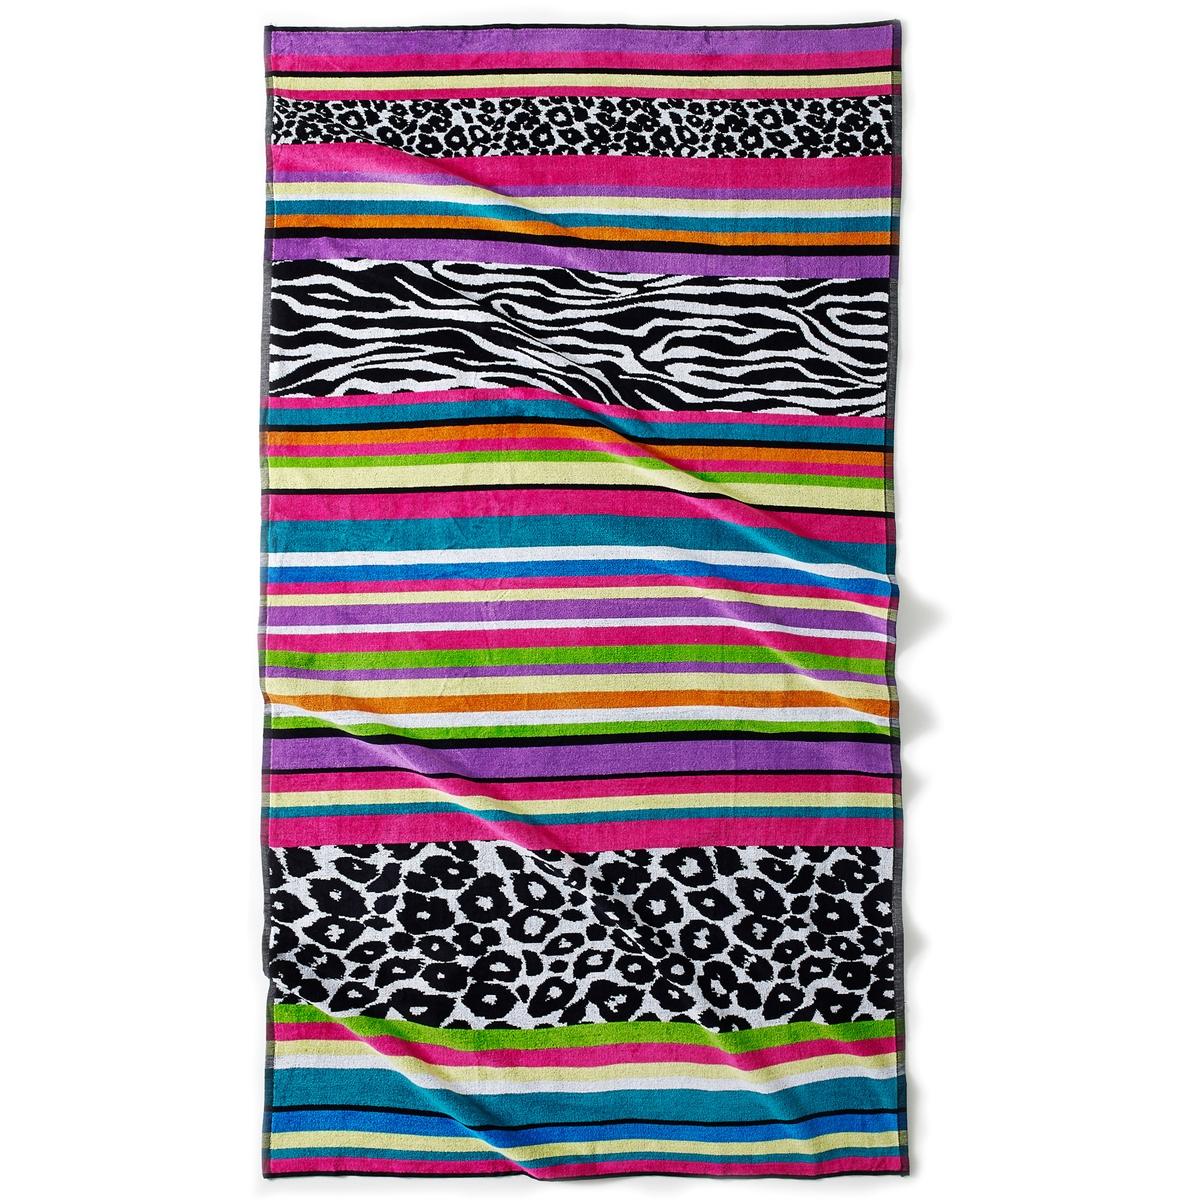 Полотенце пляжное  Safari, 420 г/м?Характеристики пляжного полотенца Safari 420 г/м? :Жаккардовый махровый материал высокого качества, 100% хлопка : 1 сторона из велюра, 1 сторона из махровой ткани.Мягкое и прочное полотенце, невероятная стойкость цвета.натуральный хлопок  420 г/м?.Машинная стирка при 40°Размеры :100 x 180 см.<br><br>Цвет: розовый + леопард